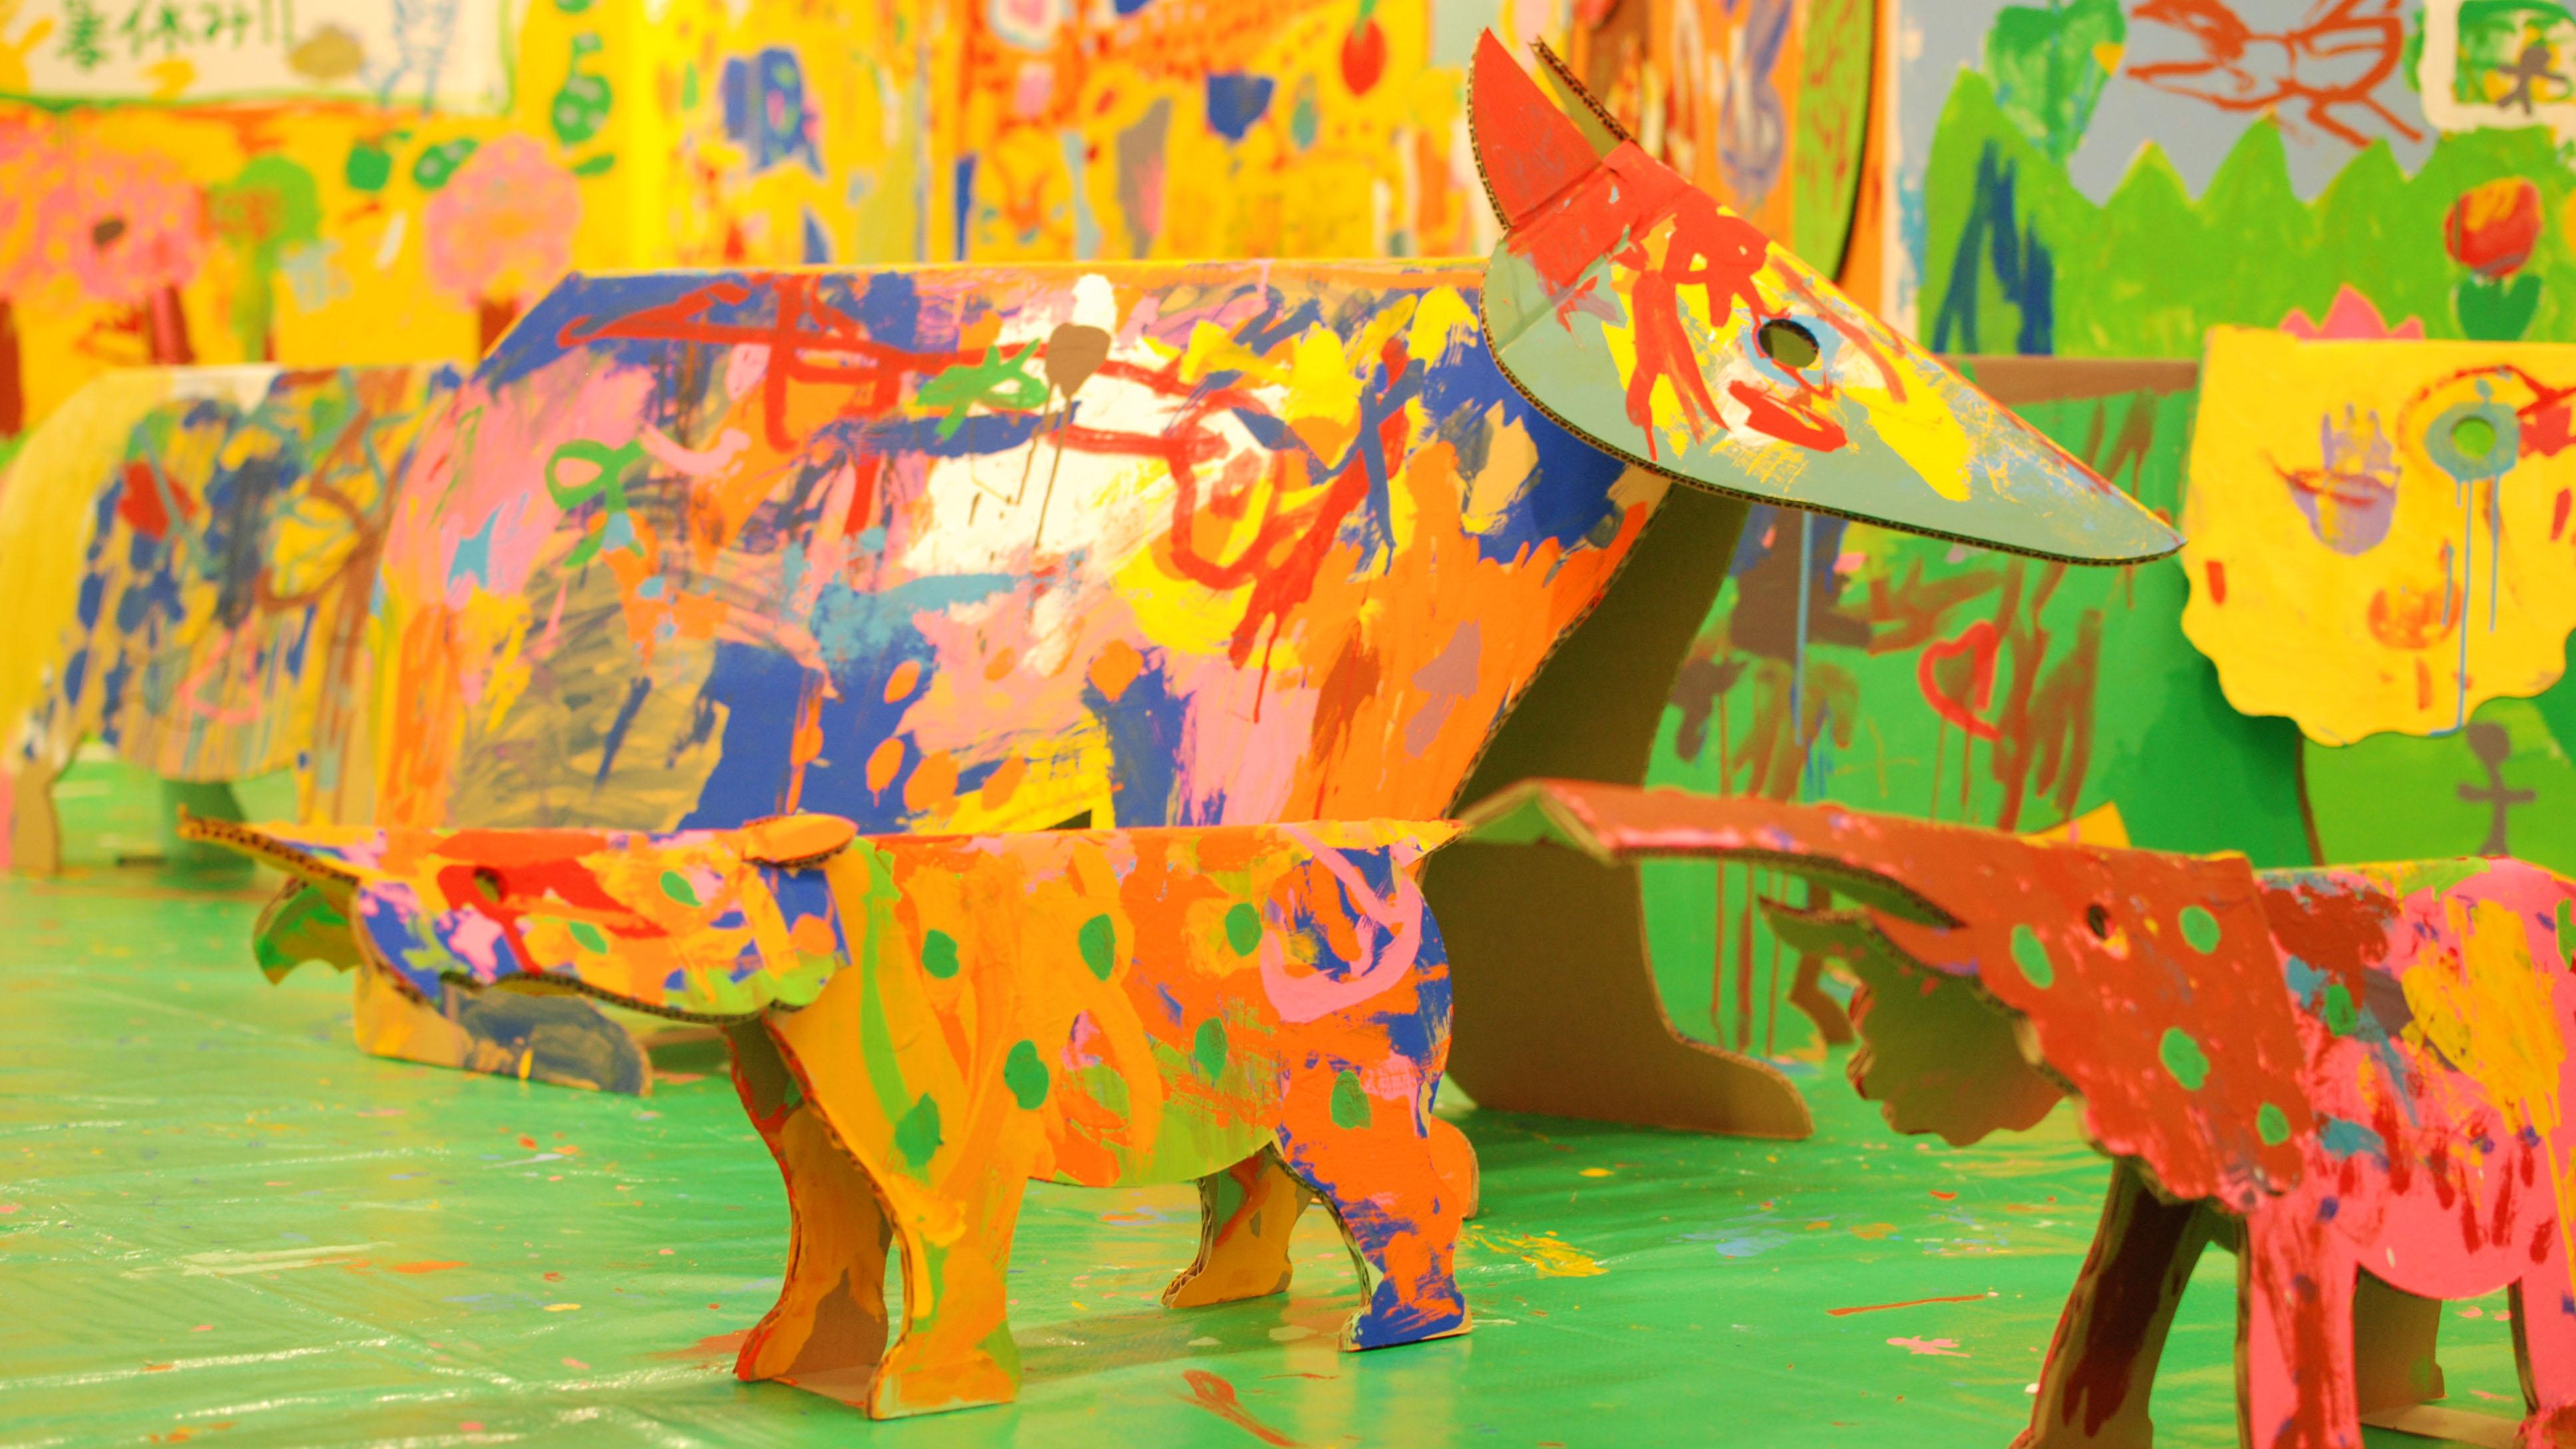 高松こども未来館まつり-開館1周年記念イベント@高松市こども未来館